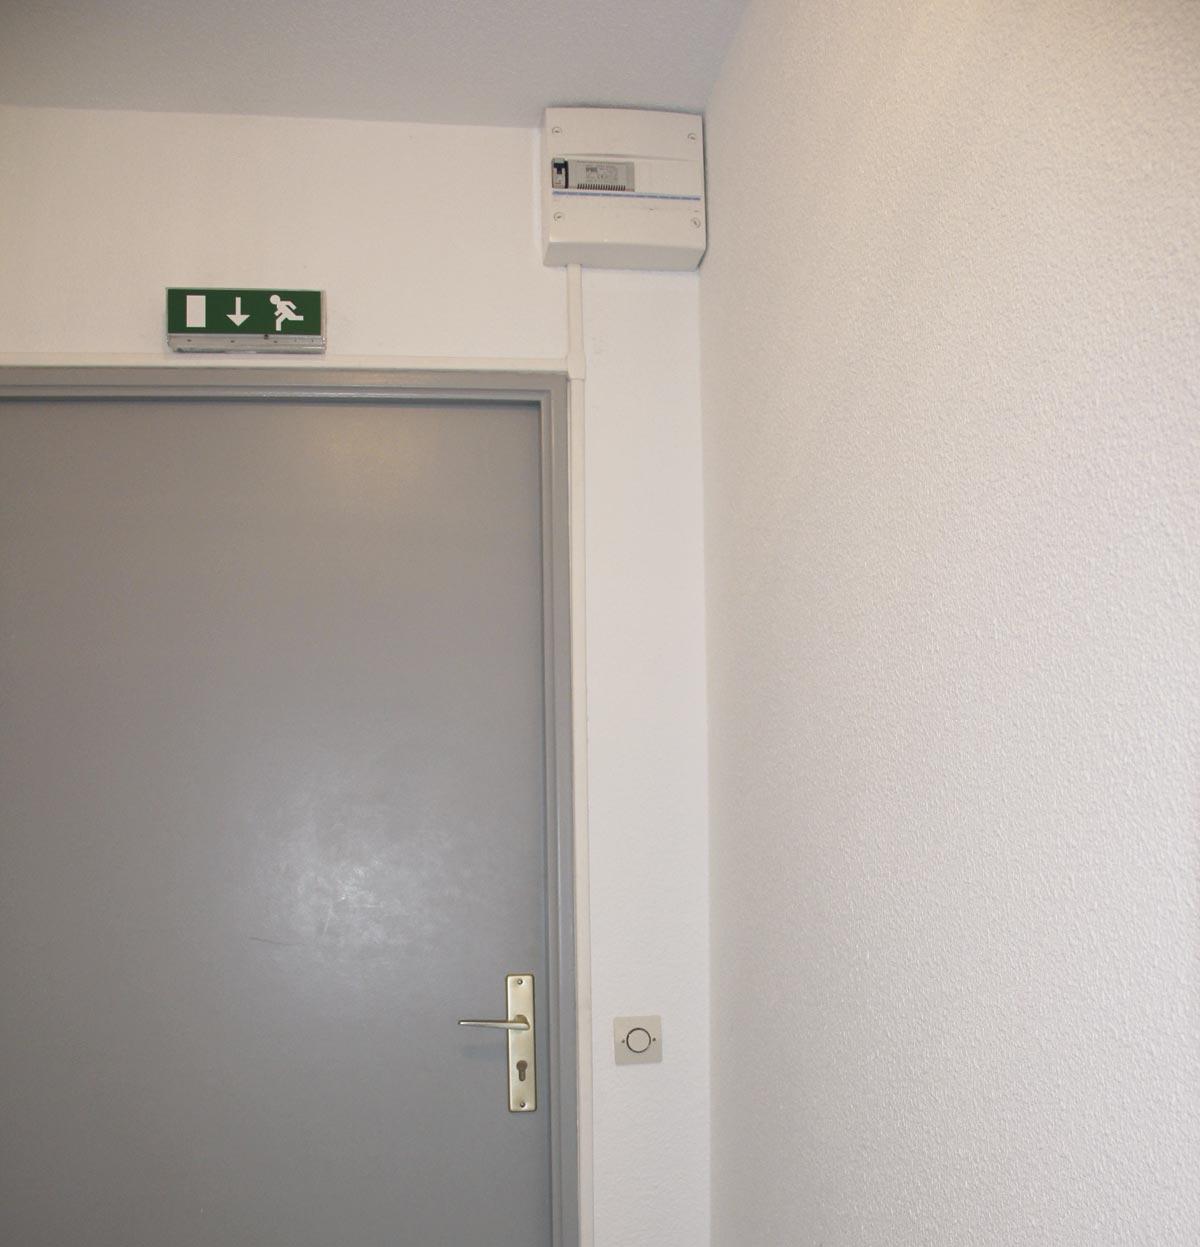 Dimelec installation contrôle accès vigik escaliers immeuble partie commune résidence Bordeaux Tableau électrique neuf mise aux normes